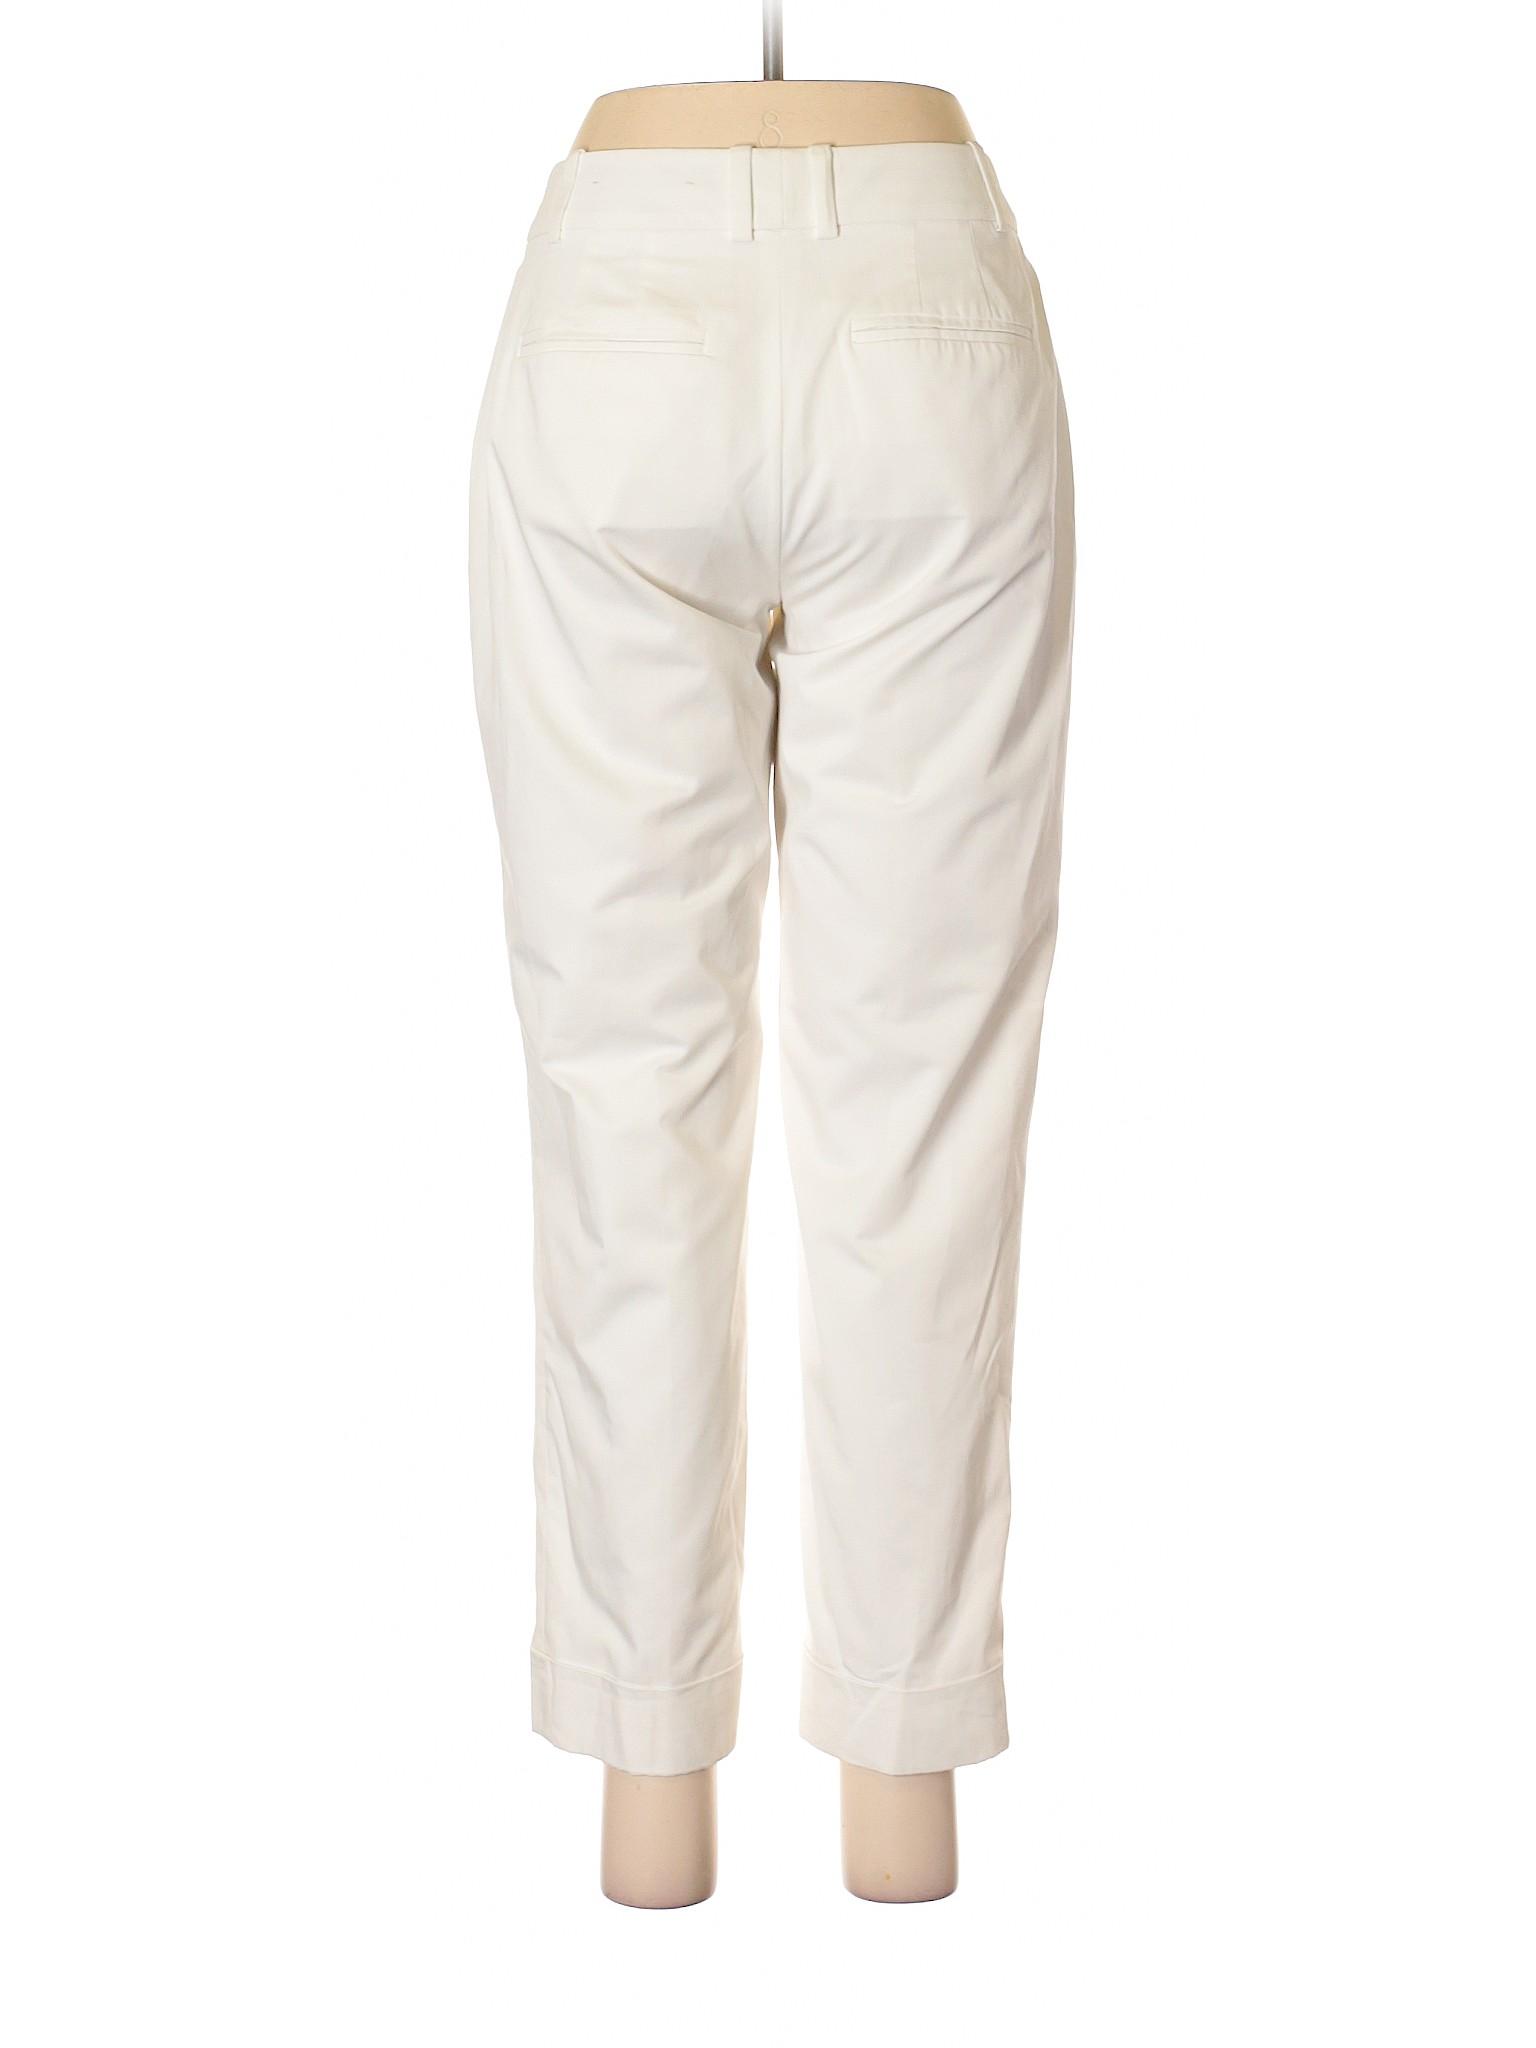 Dress Pants Ann Taylor Boutique winter qztxU